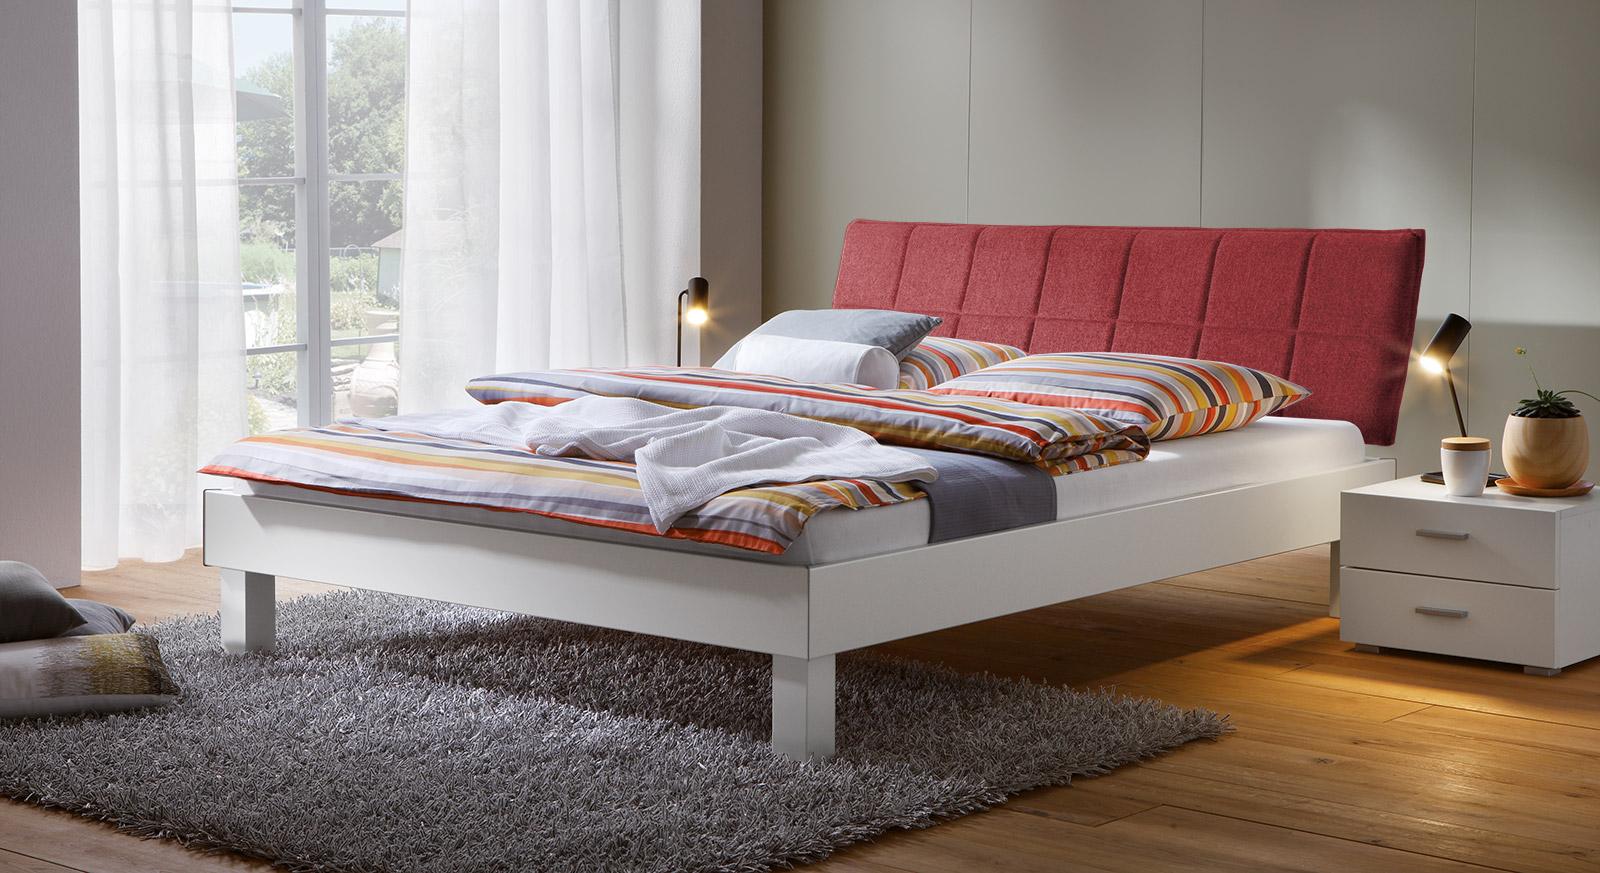 Bett Sierra mit 20cm Fußhöhe und Kopfteil in Rot